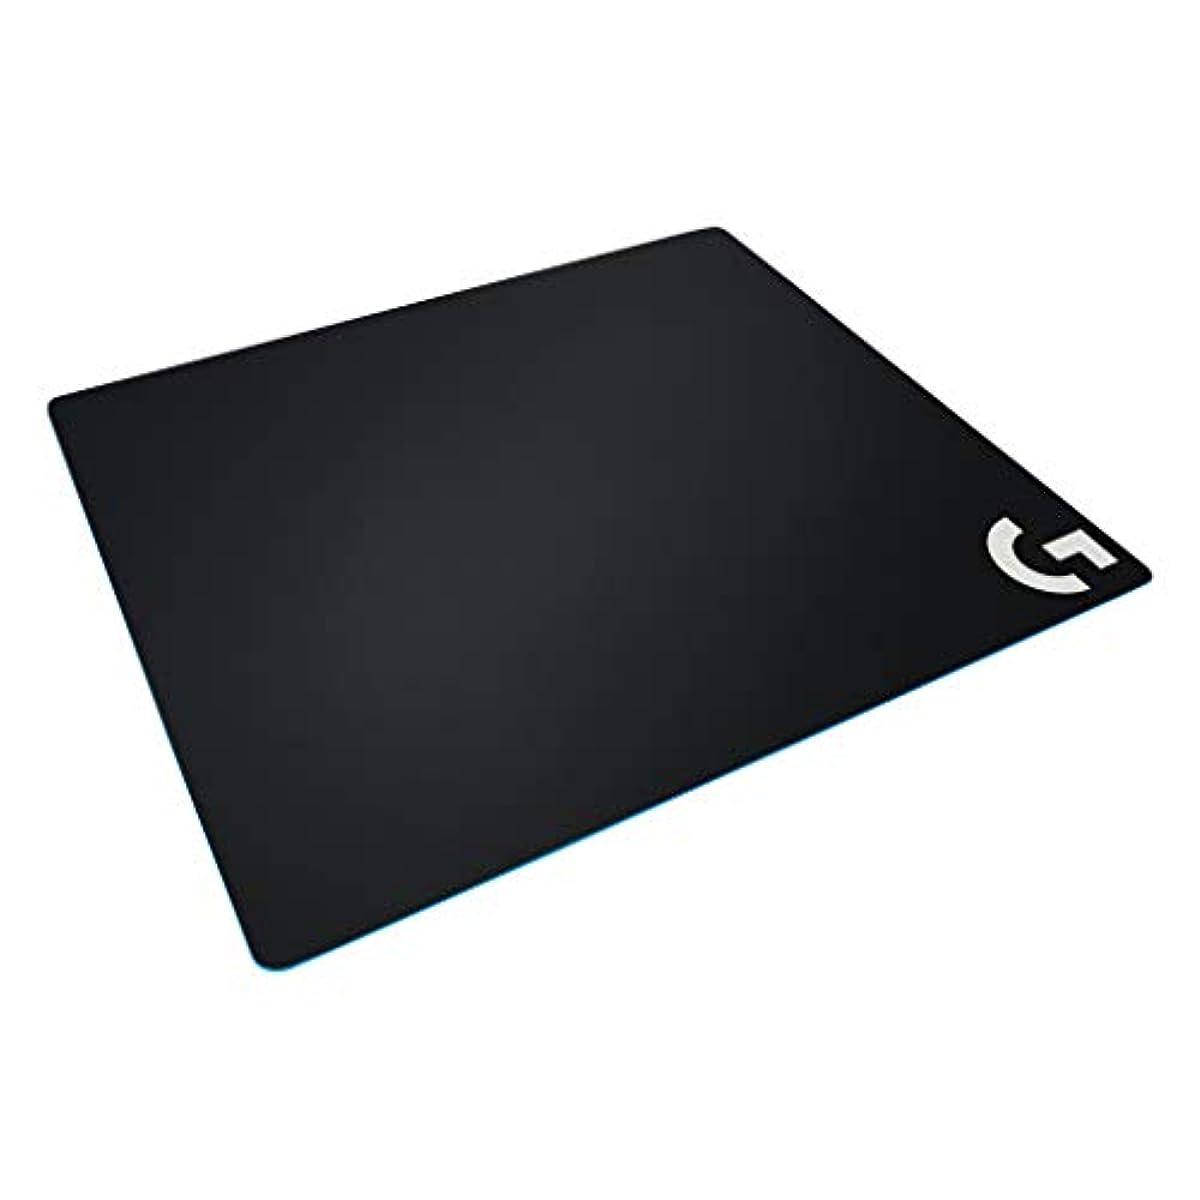 [해외] 로지텍 G 게이밍 마우스 패드 G640r